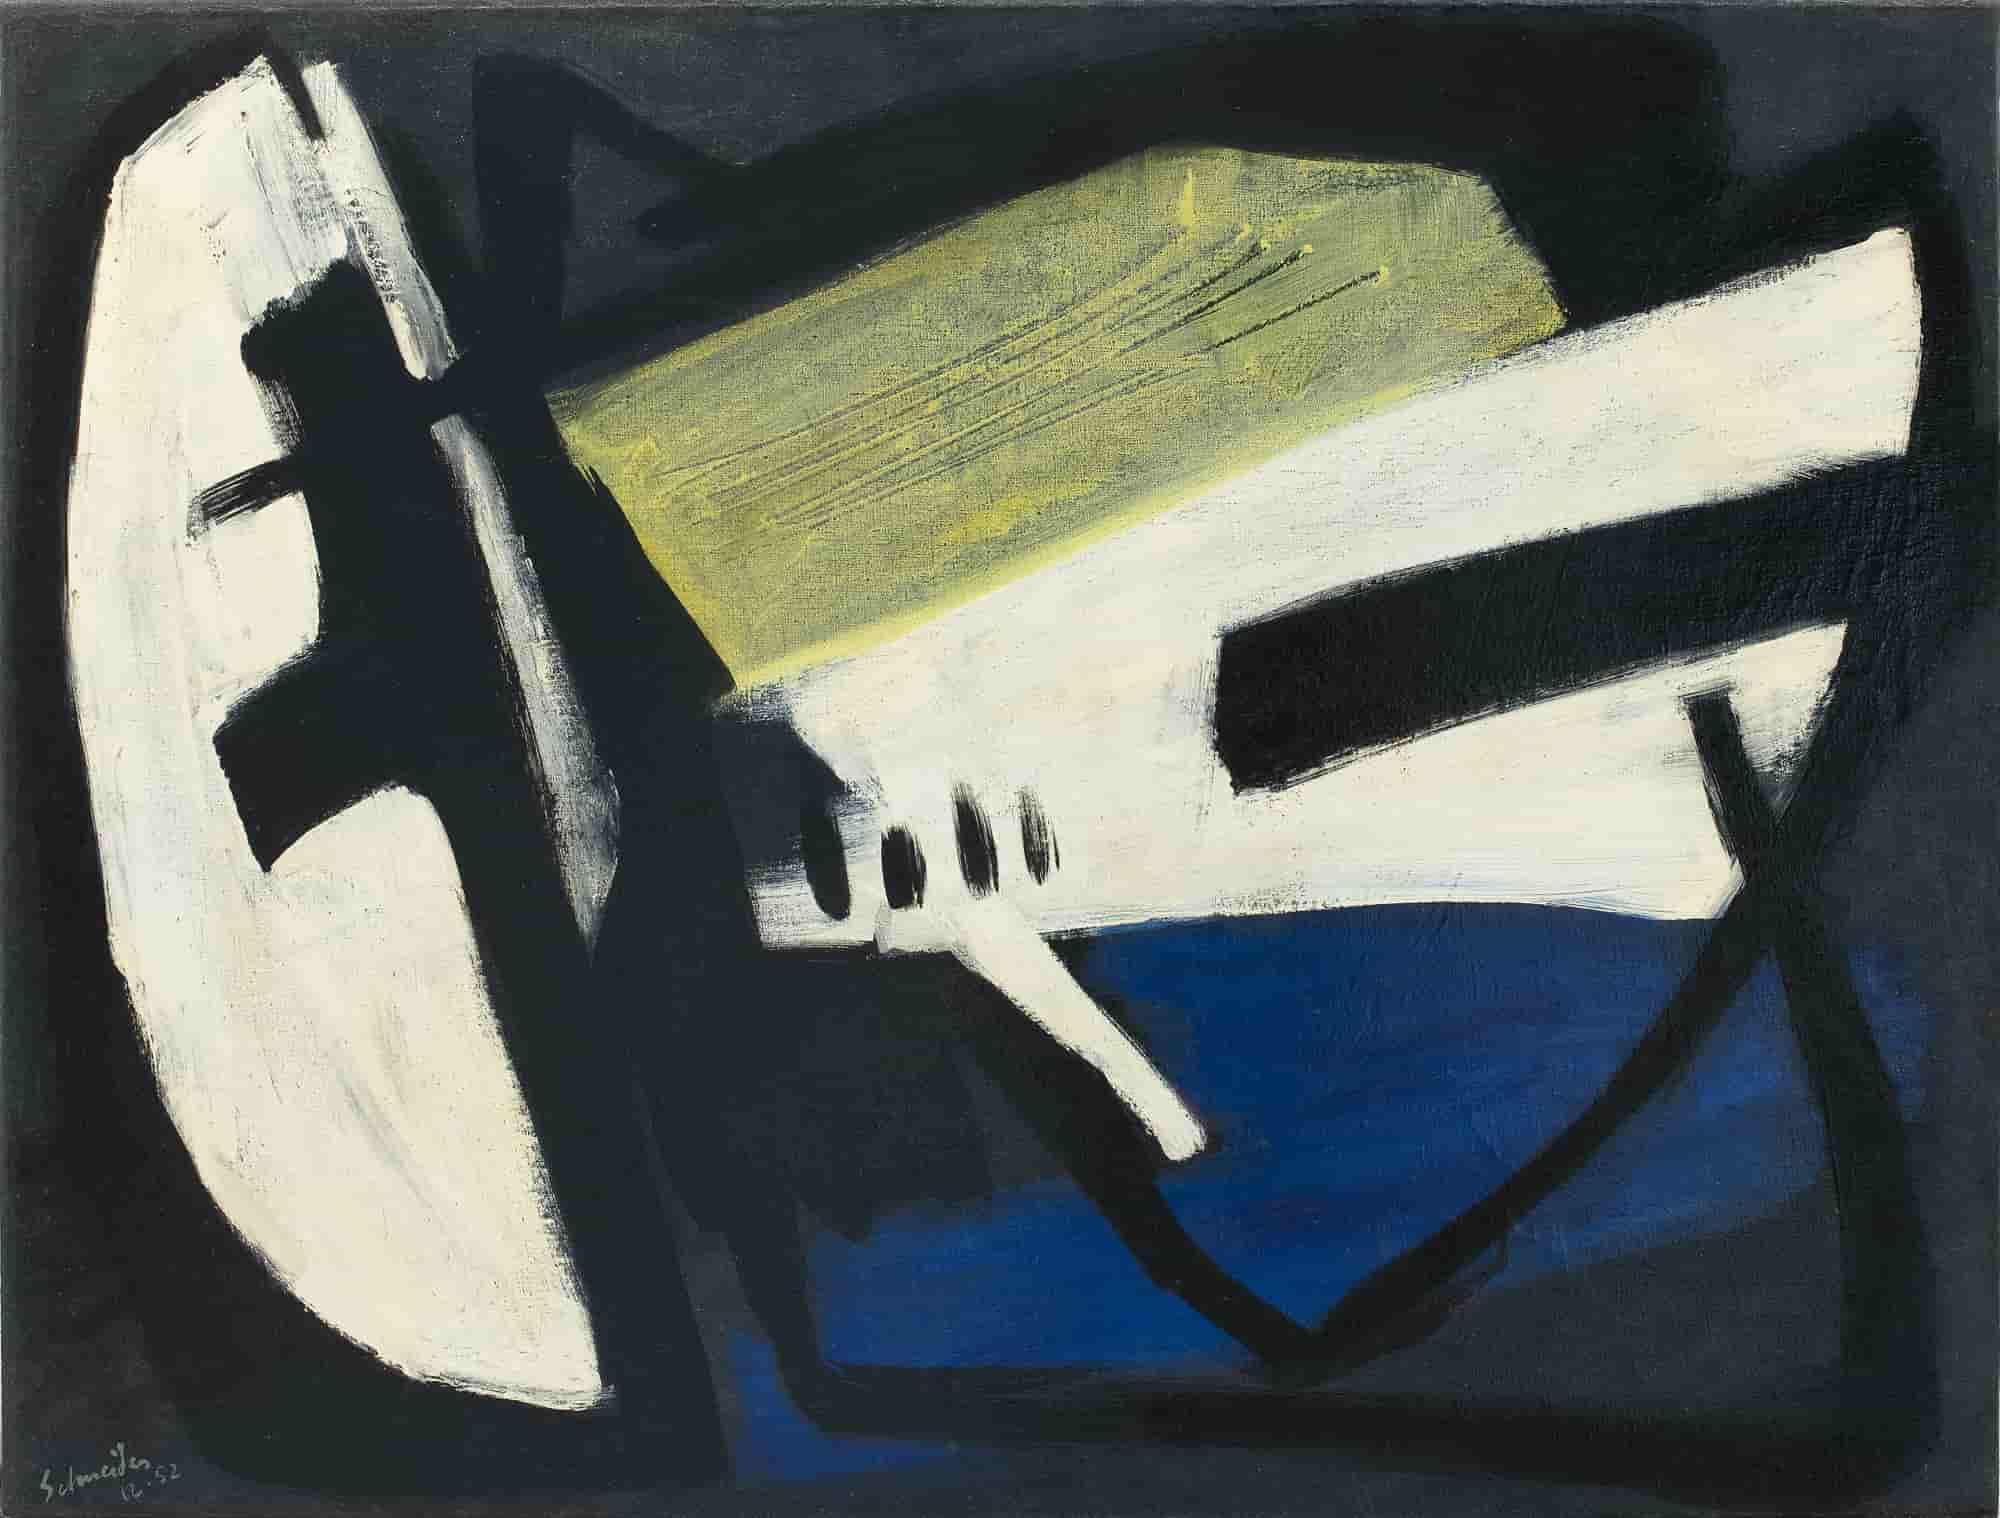 Opus 507, 1952